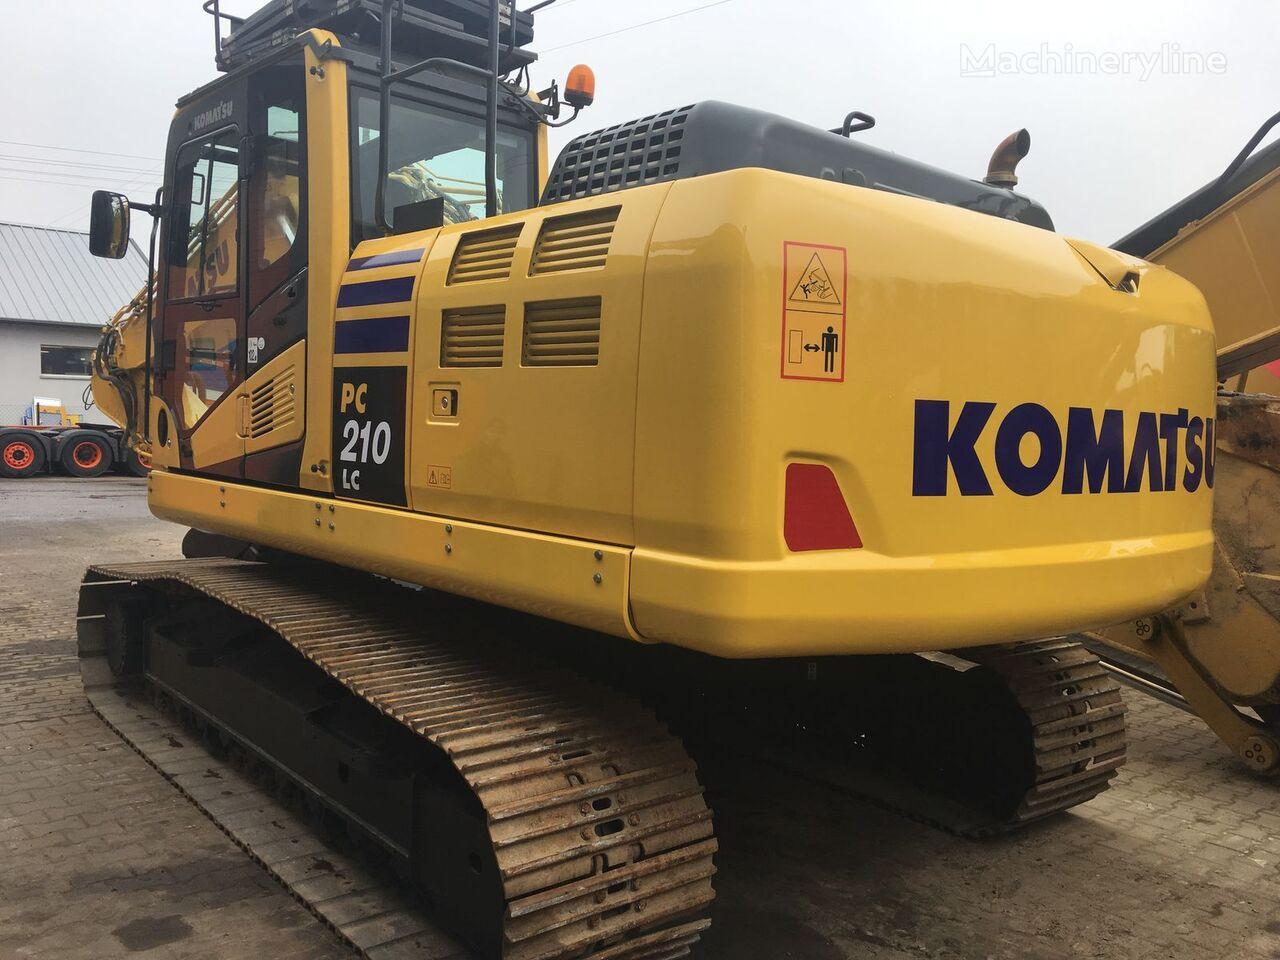 KOMATSU PC210LC-10 telakaivinkone